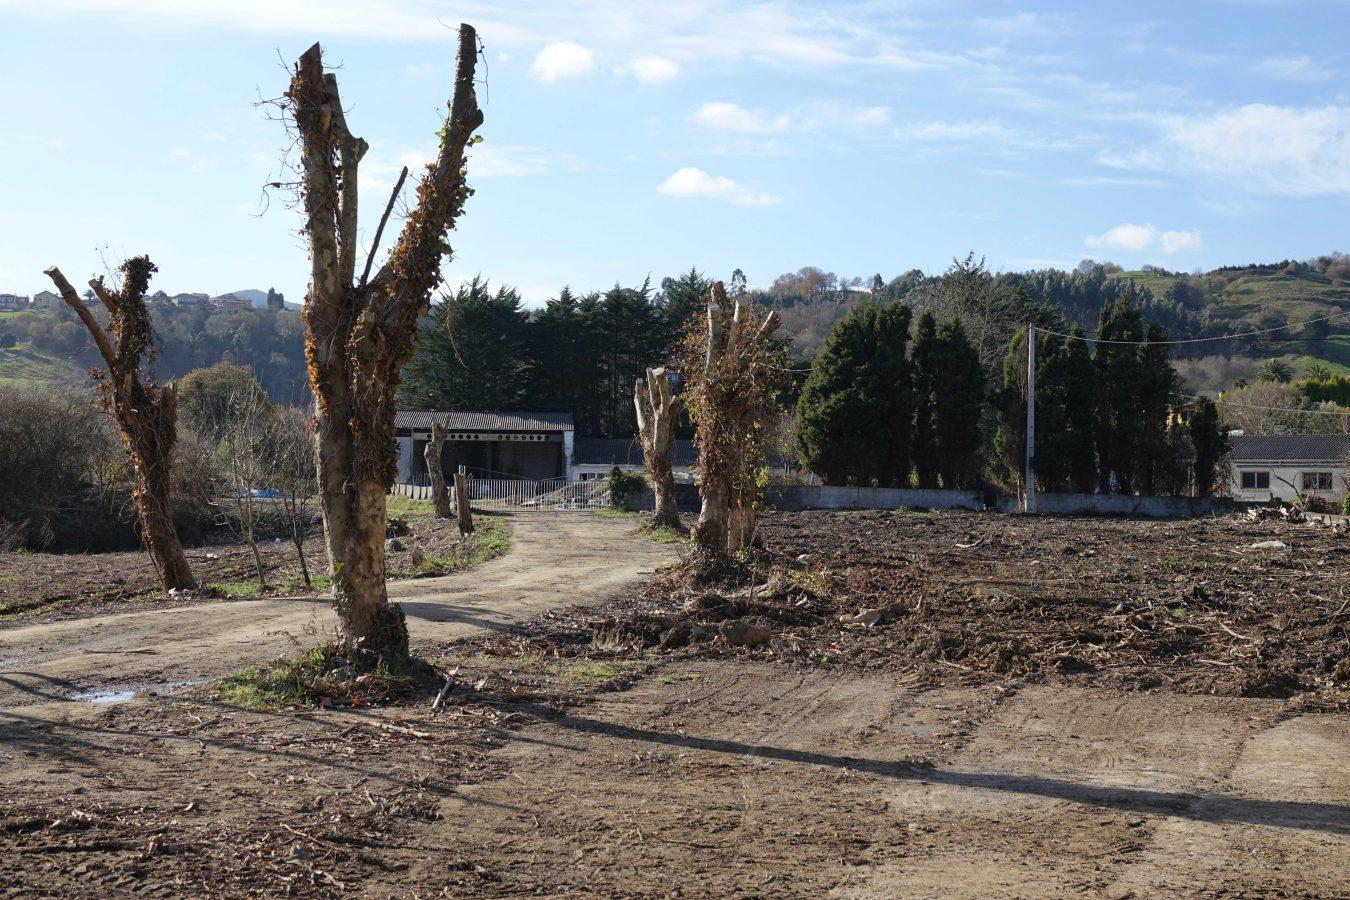 Los ecologistas paralizan los huertos urbanos que Ribadesella quiere crear en La Mediana